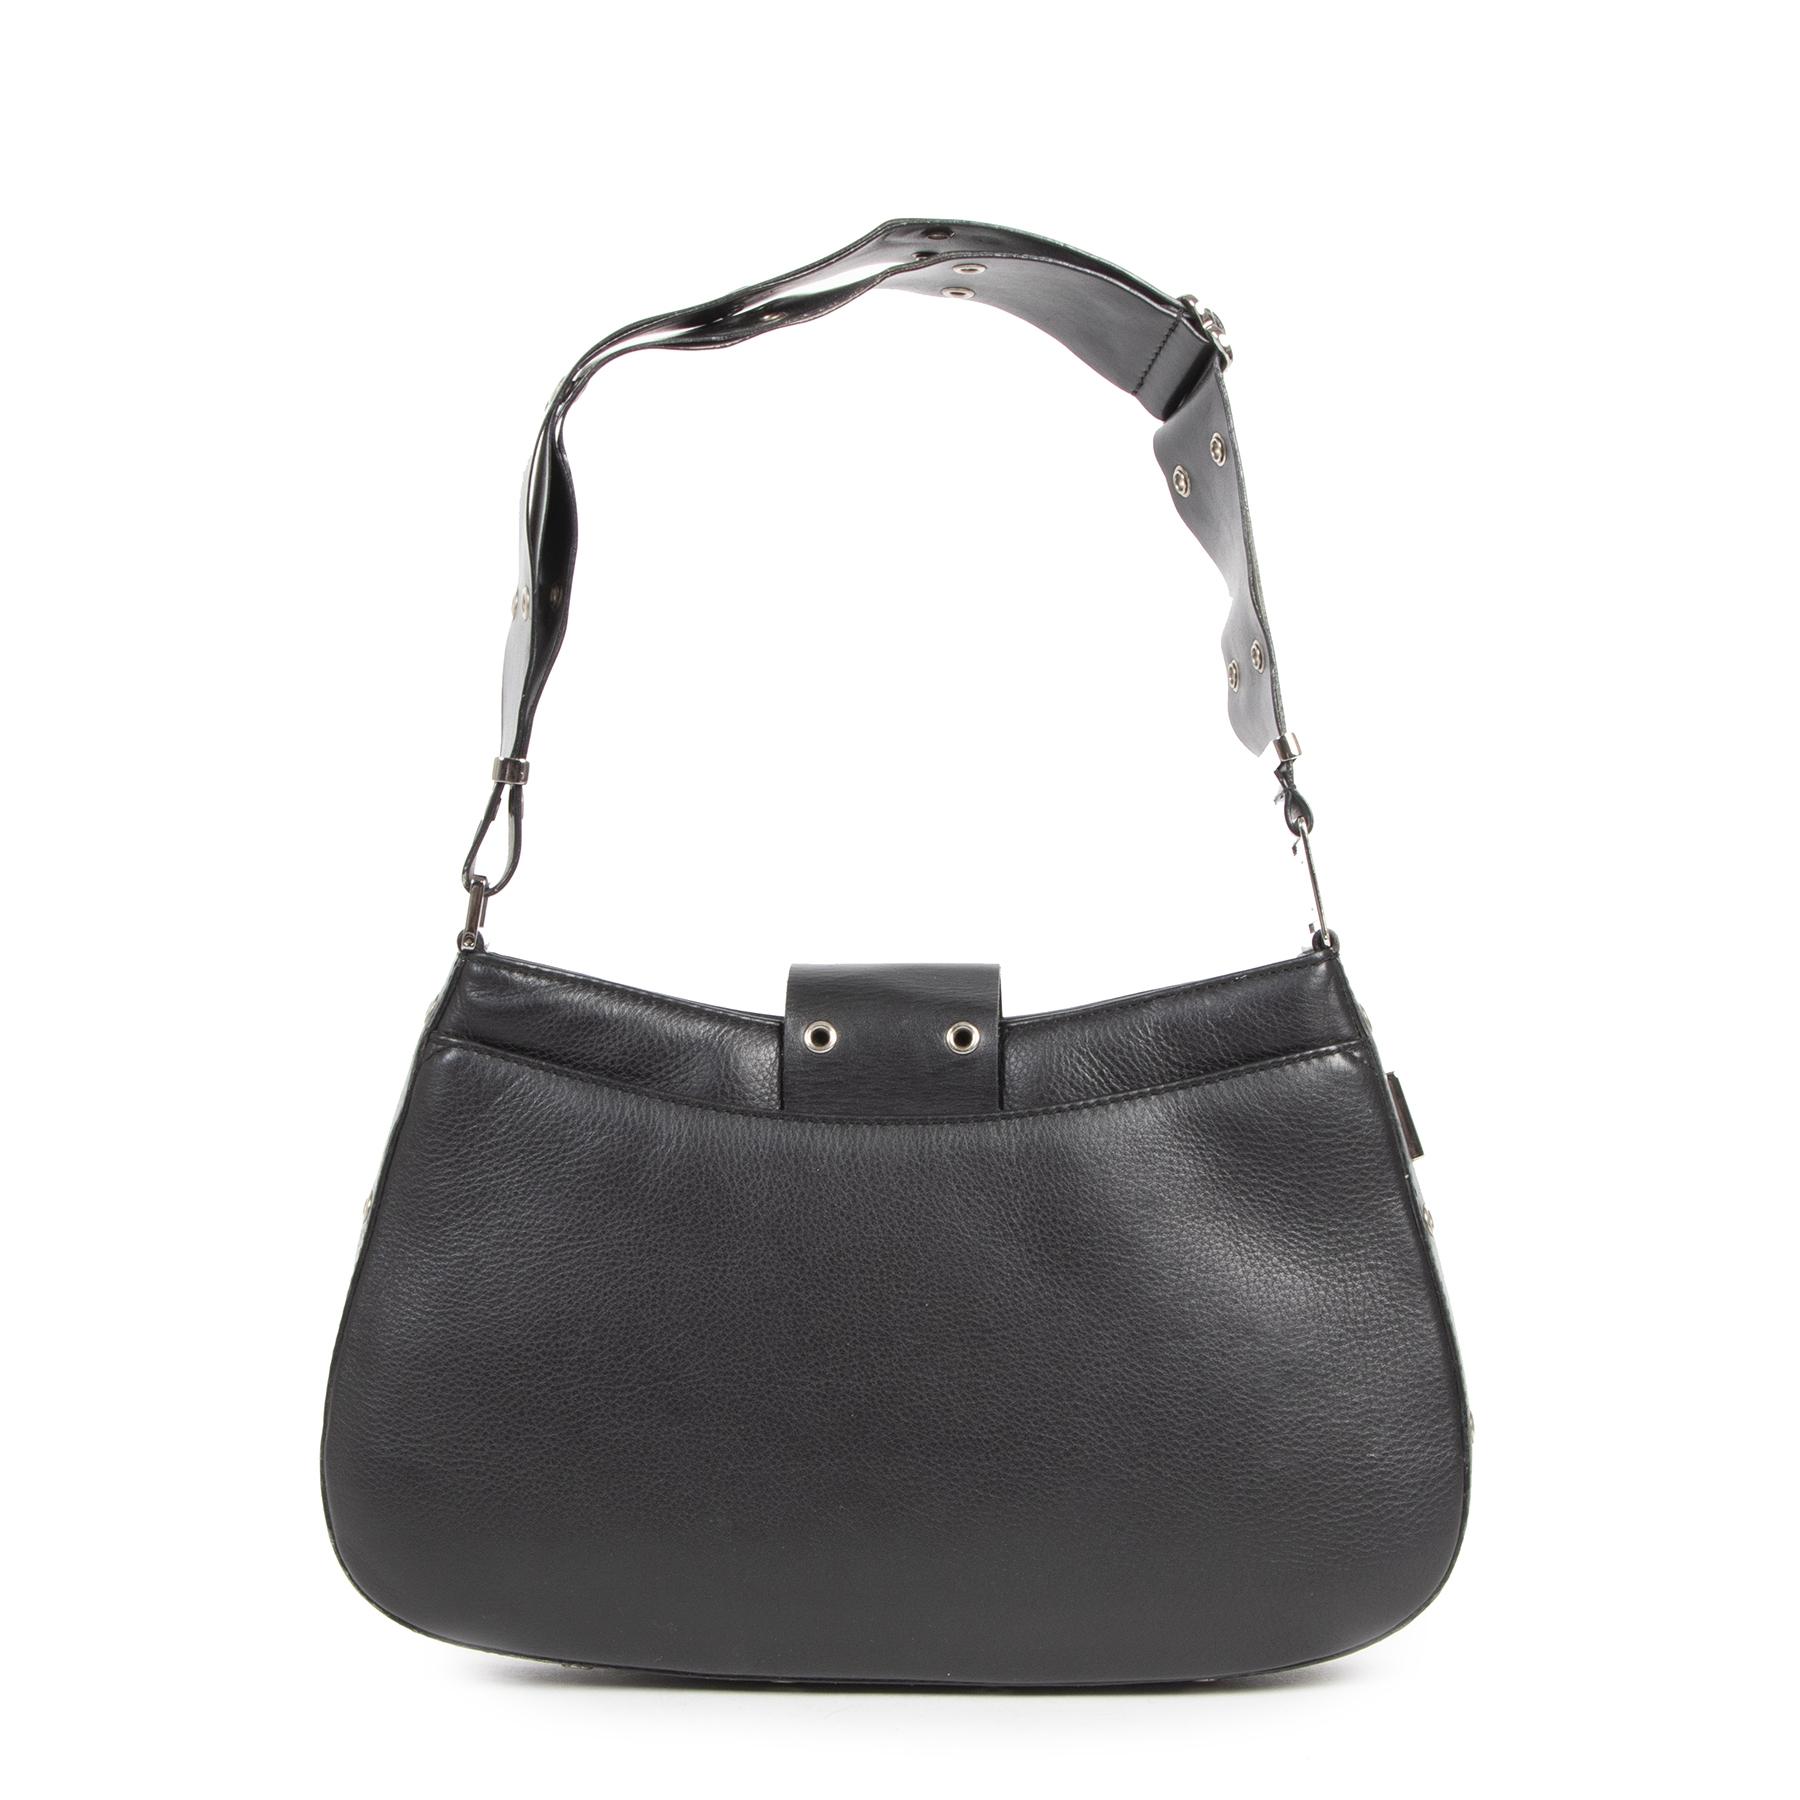 Authentieke Tweedehands Dior Black Street Chic Bag juiste prijs veilig online shoppen luxe merken webshop winkelen Antwerpen België mode fashion